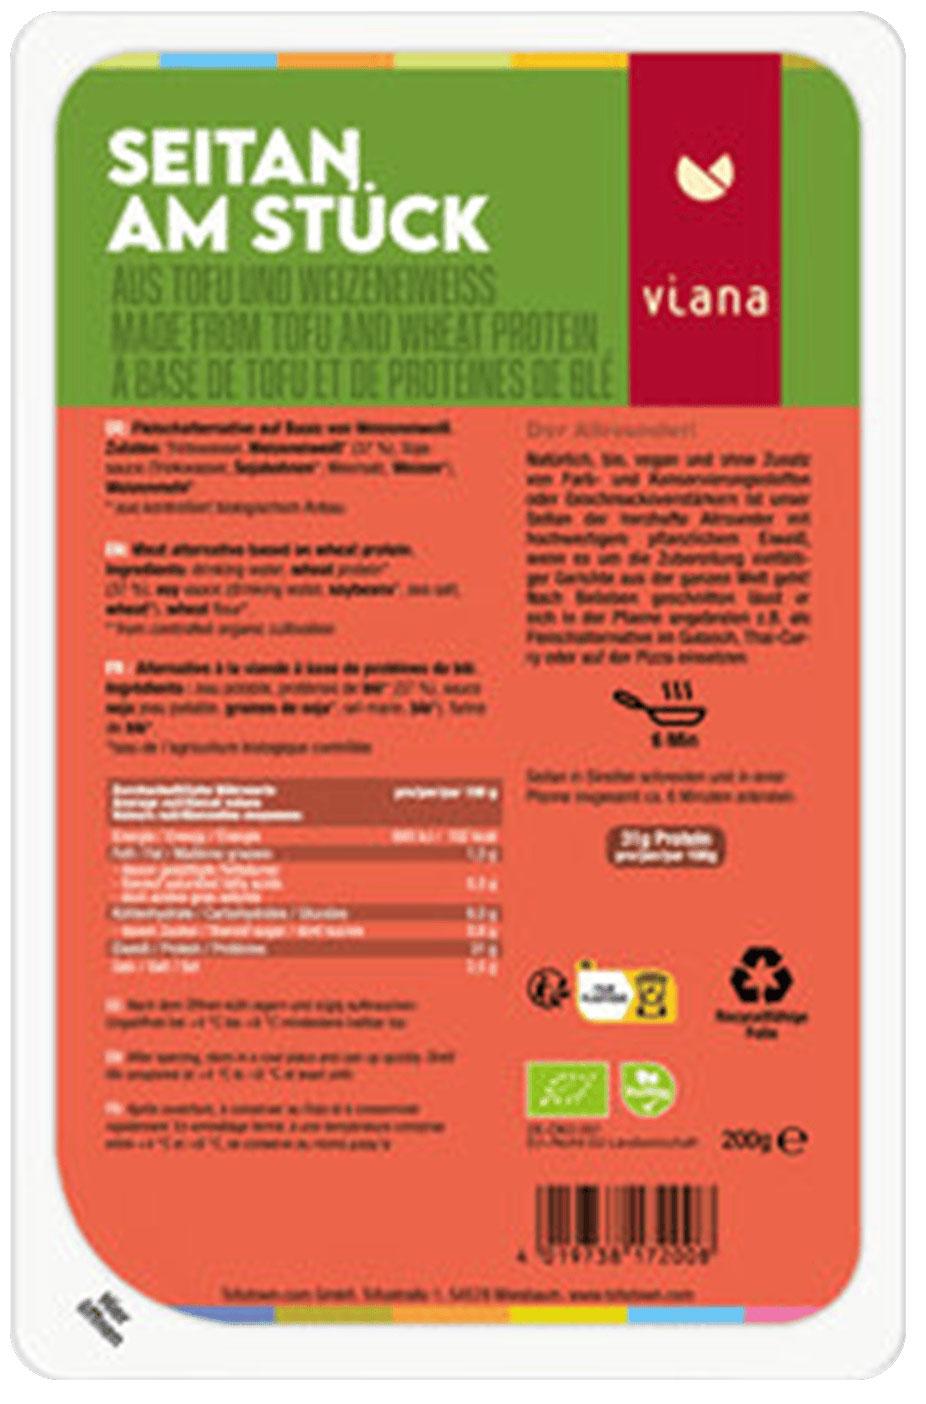 how to make seitan from wheat flour